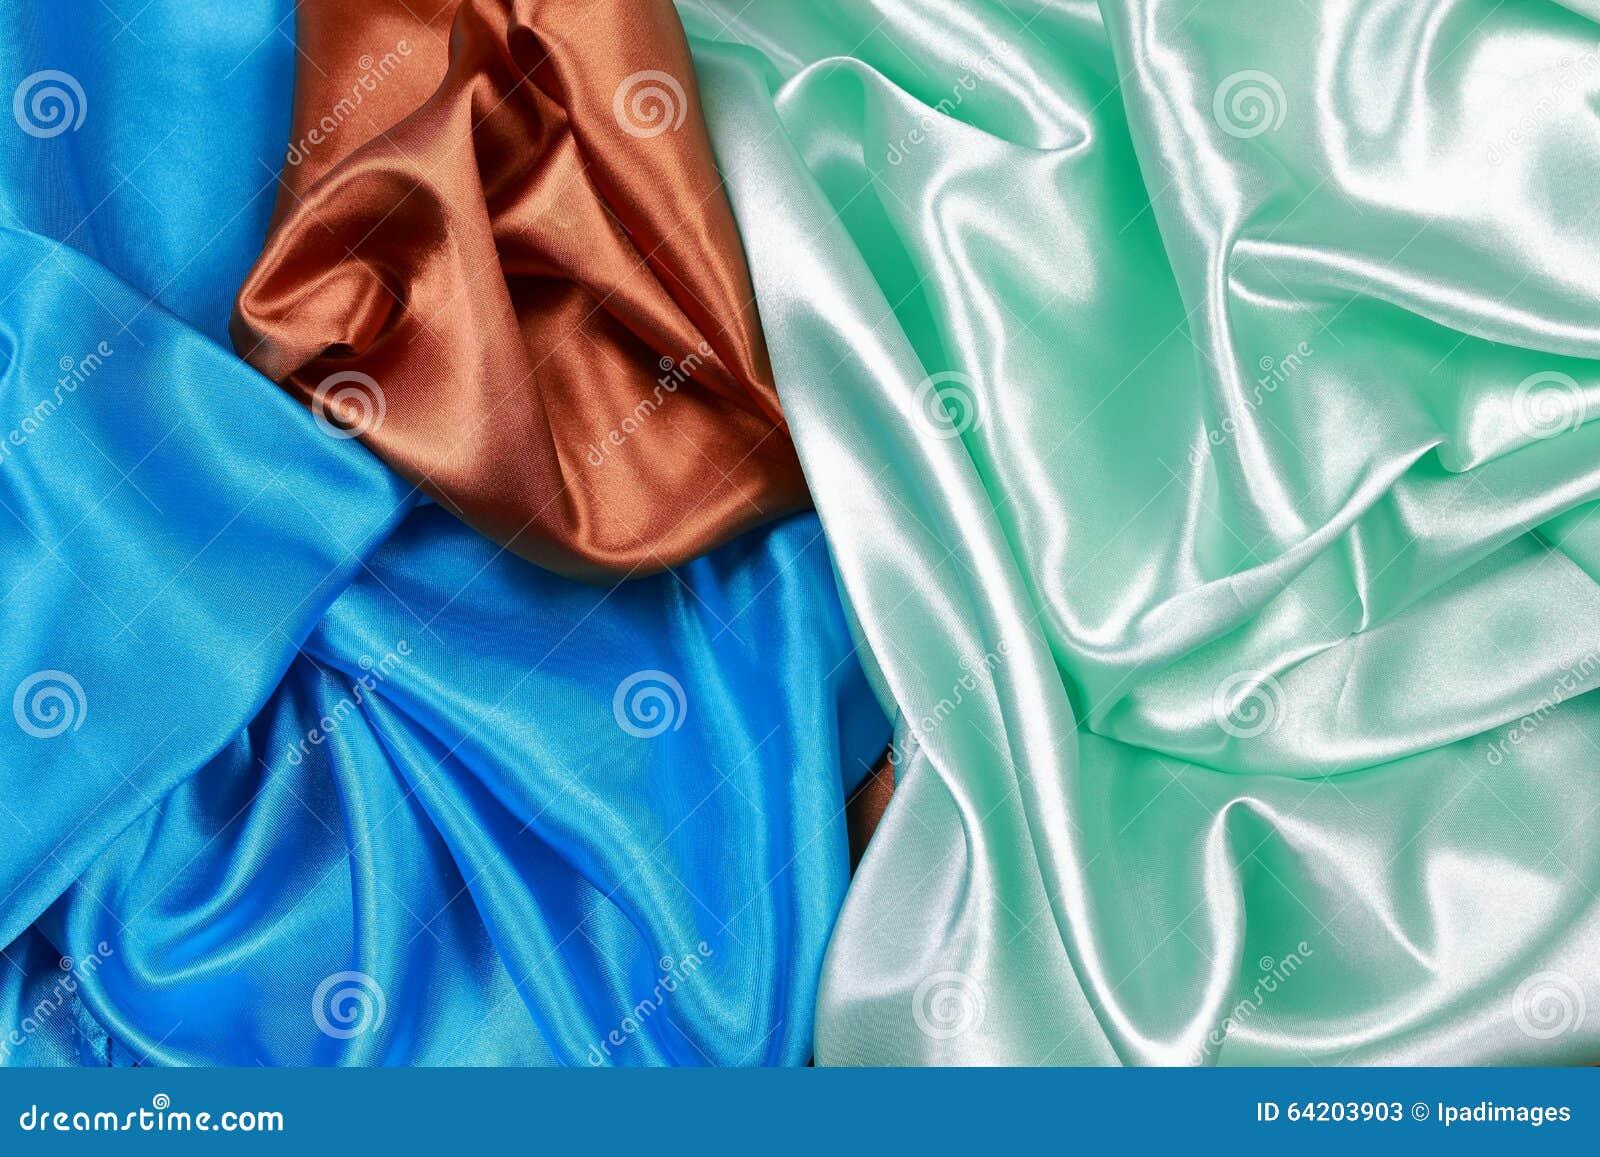 Paño de seda azul y marrón y verde claro del satén del te ondulado de los dobleces